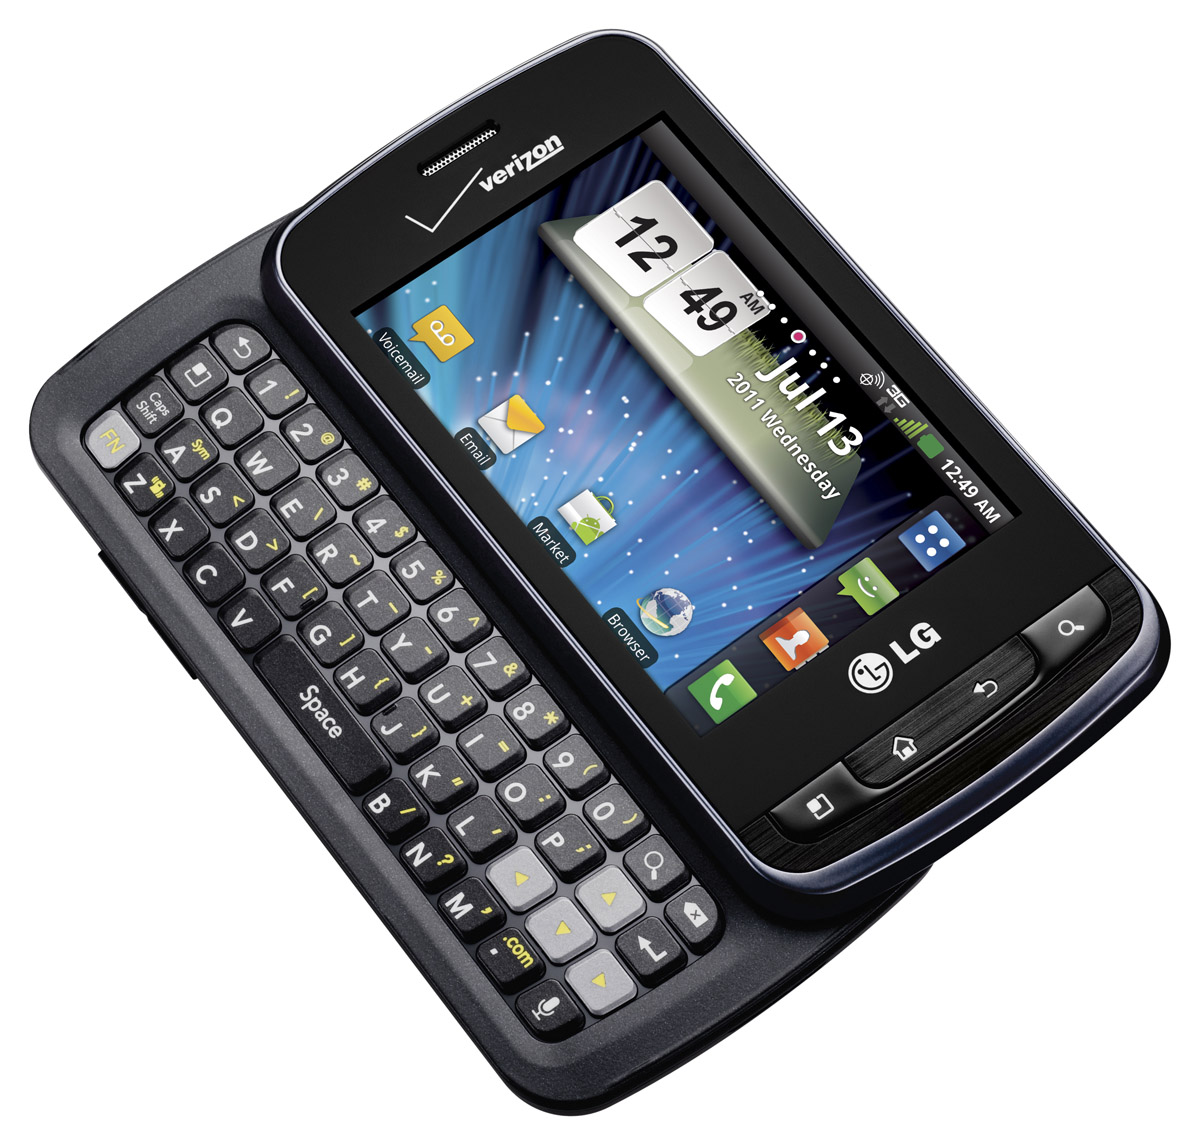 ... LG Enlighten , Smartphone con Sistema Operativo Google Android y